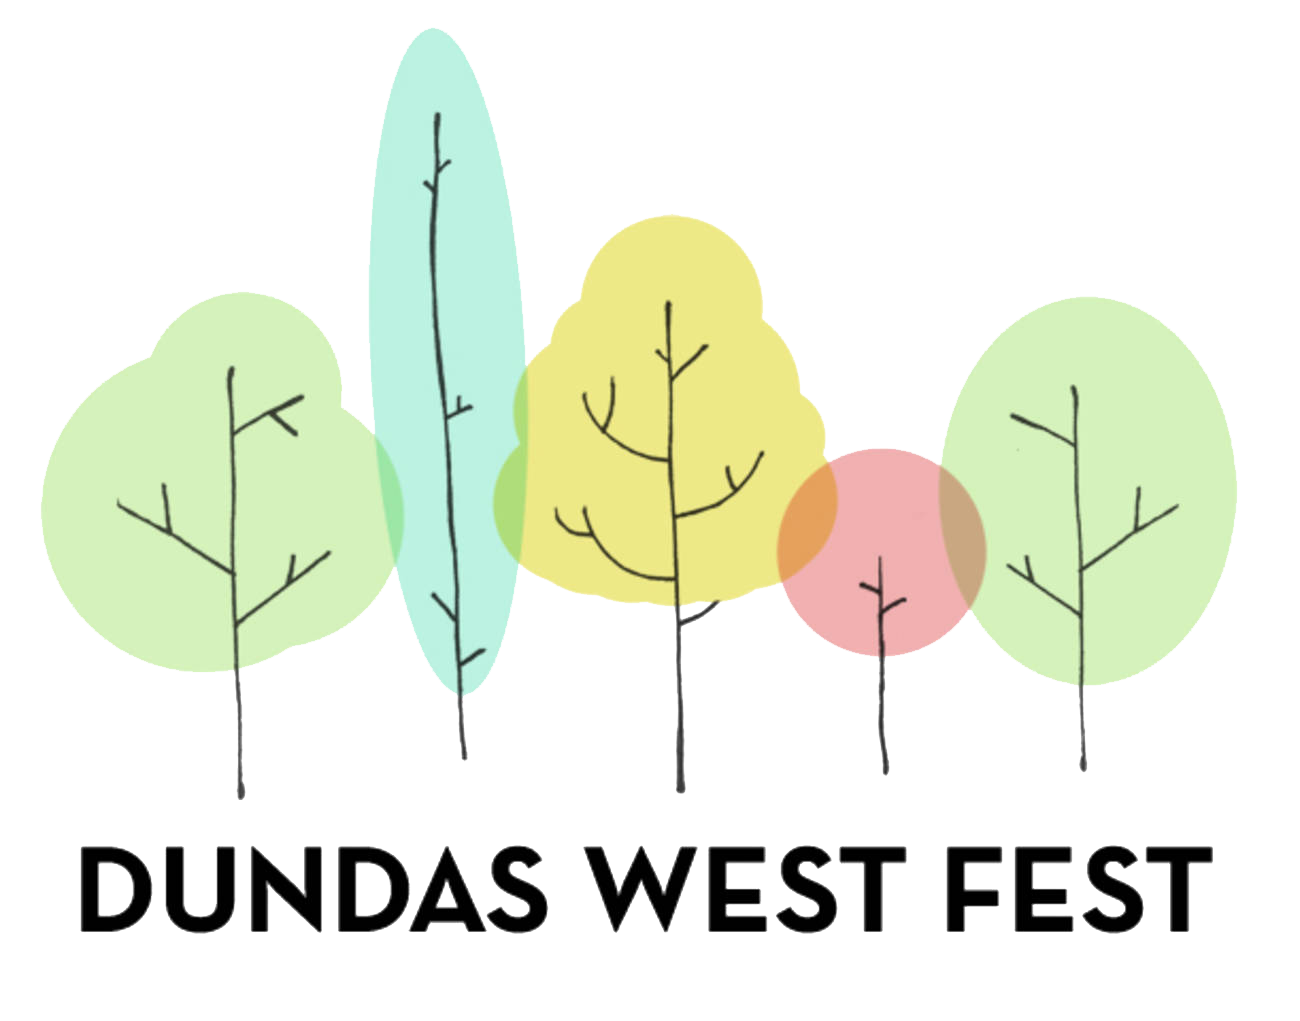 dundas west fest logo